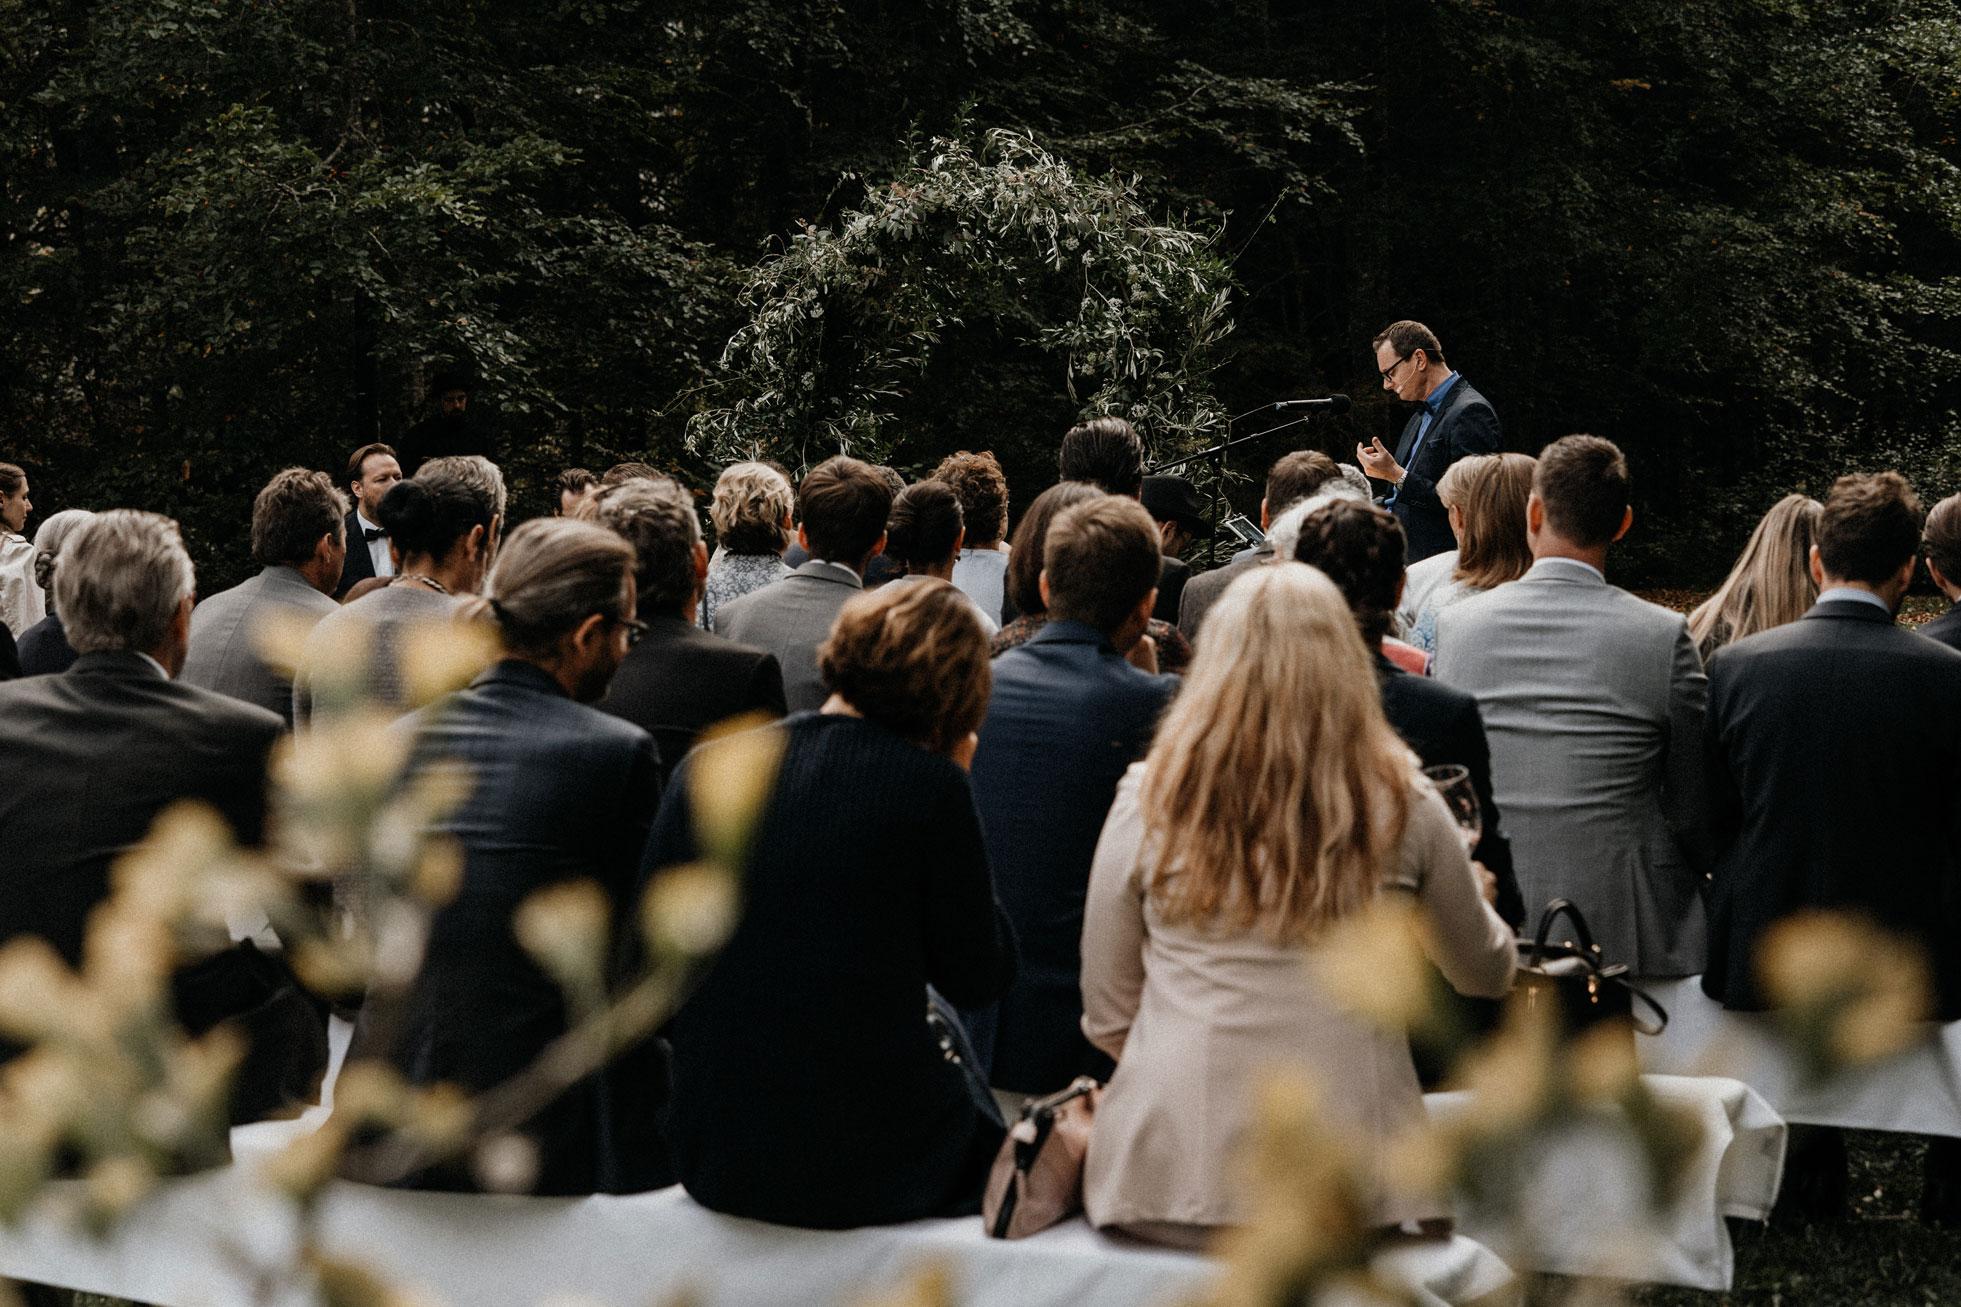 Hochzeit_Claire_Manuel_Villa_Maund_Daniel_Jenny-161.jpg